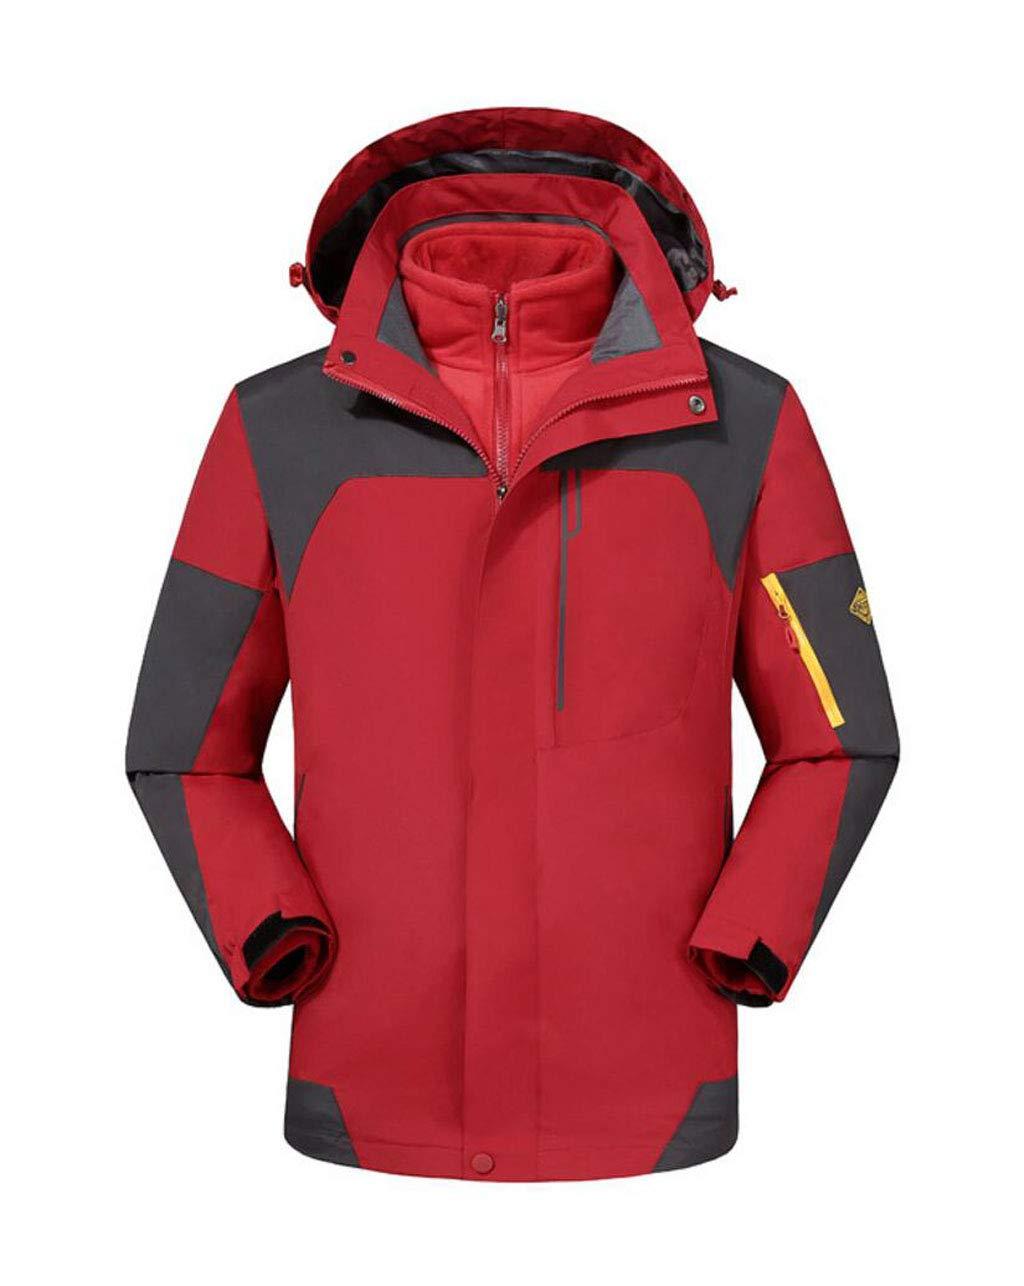 【★大感謝セール】 WY メンズジャケット、フード付きカジュアルジャケットスキーレディースジャケットレインコート防風 屋外 (色 : : B07GZBK9C9 Red, サイズ サイズ さいず : XXXL) B07GZBK9C9 XX-Large|Red Red XX-Large, リカーショップたかはしweb:93da9ae5 --- svecha37.ru